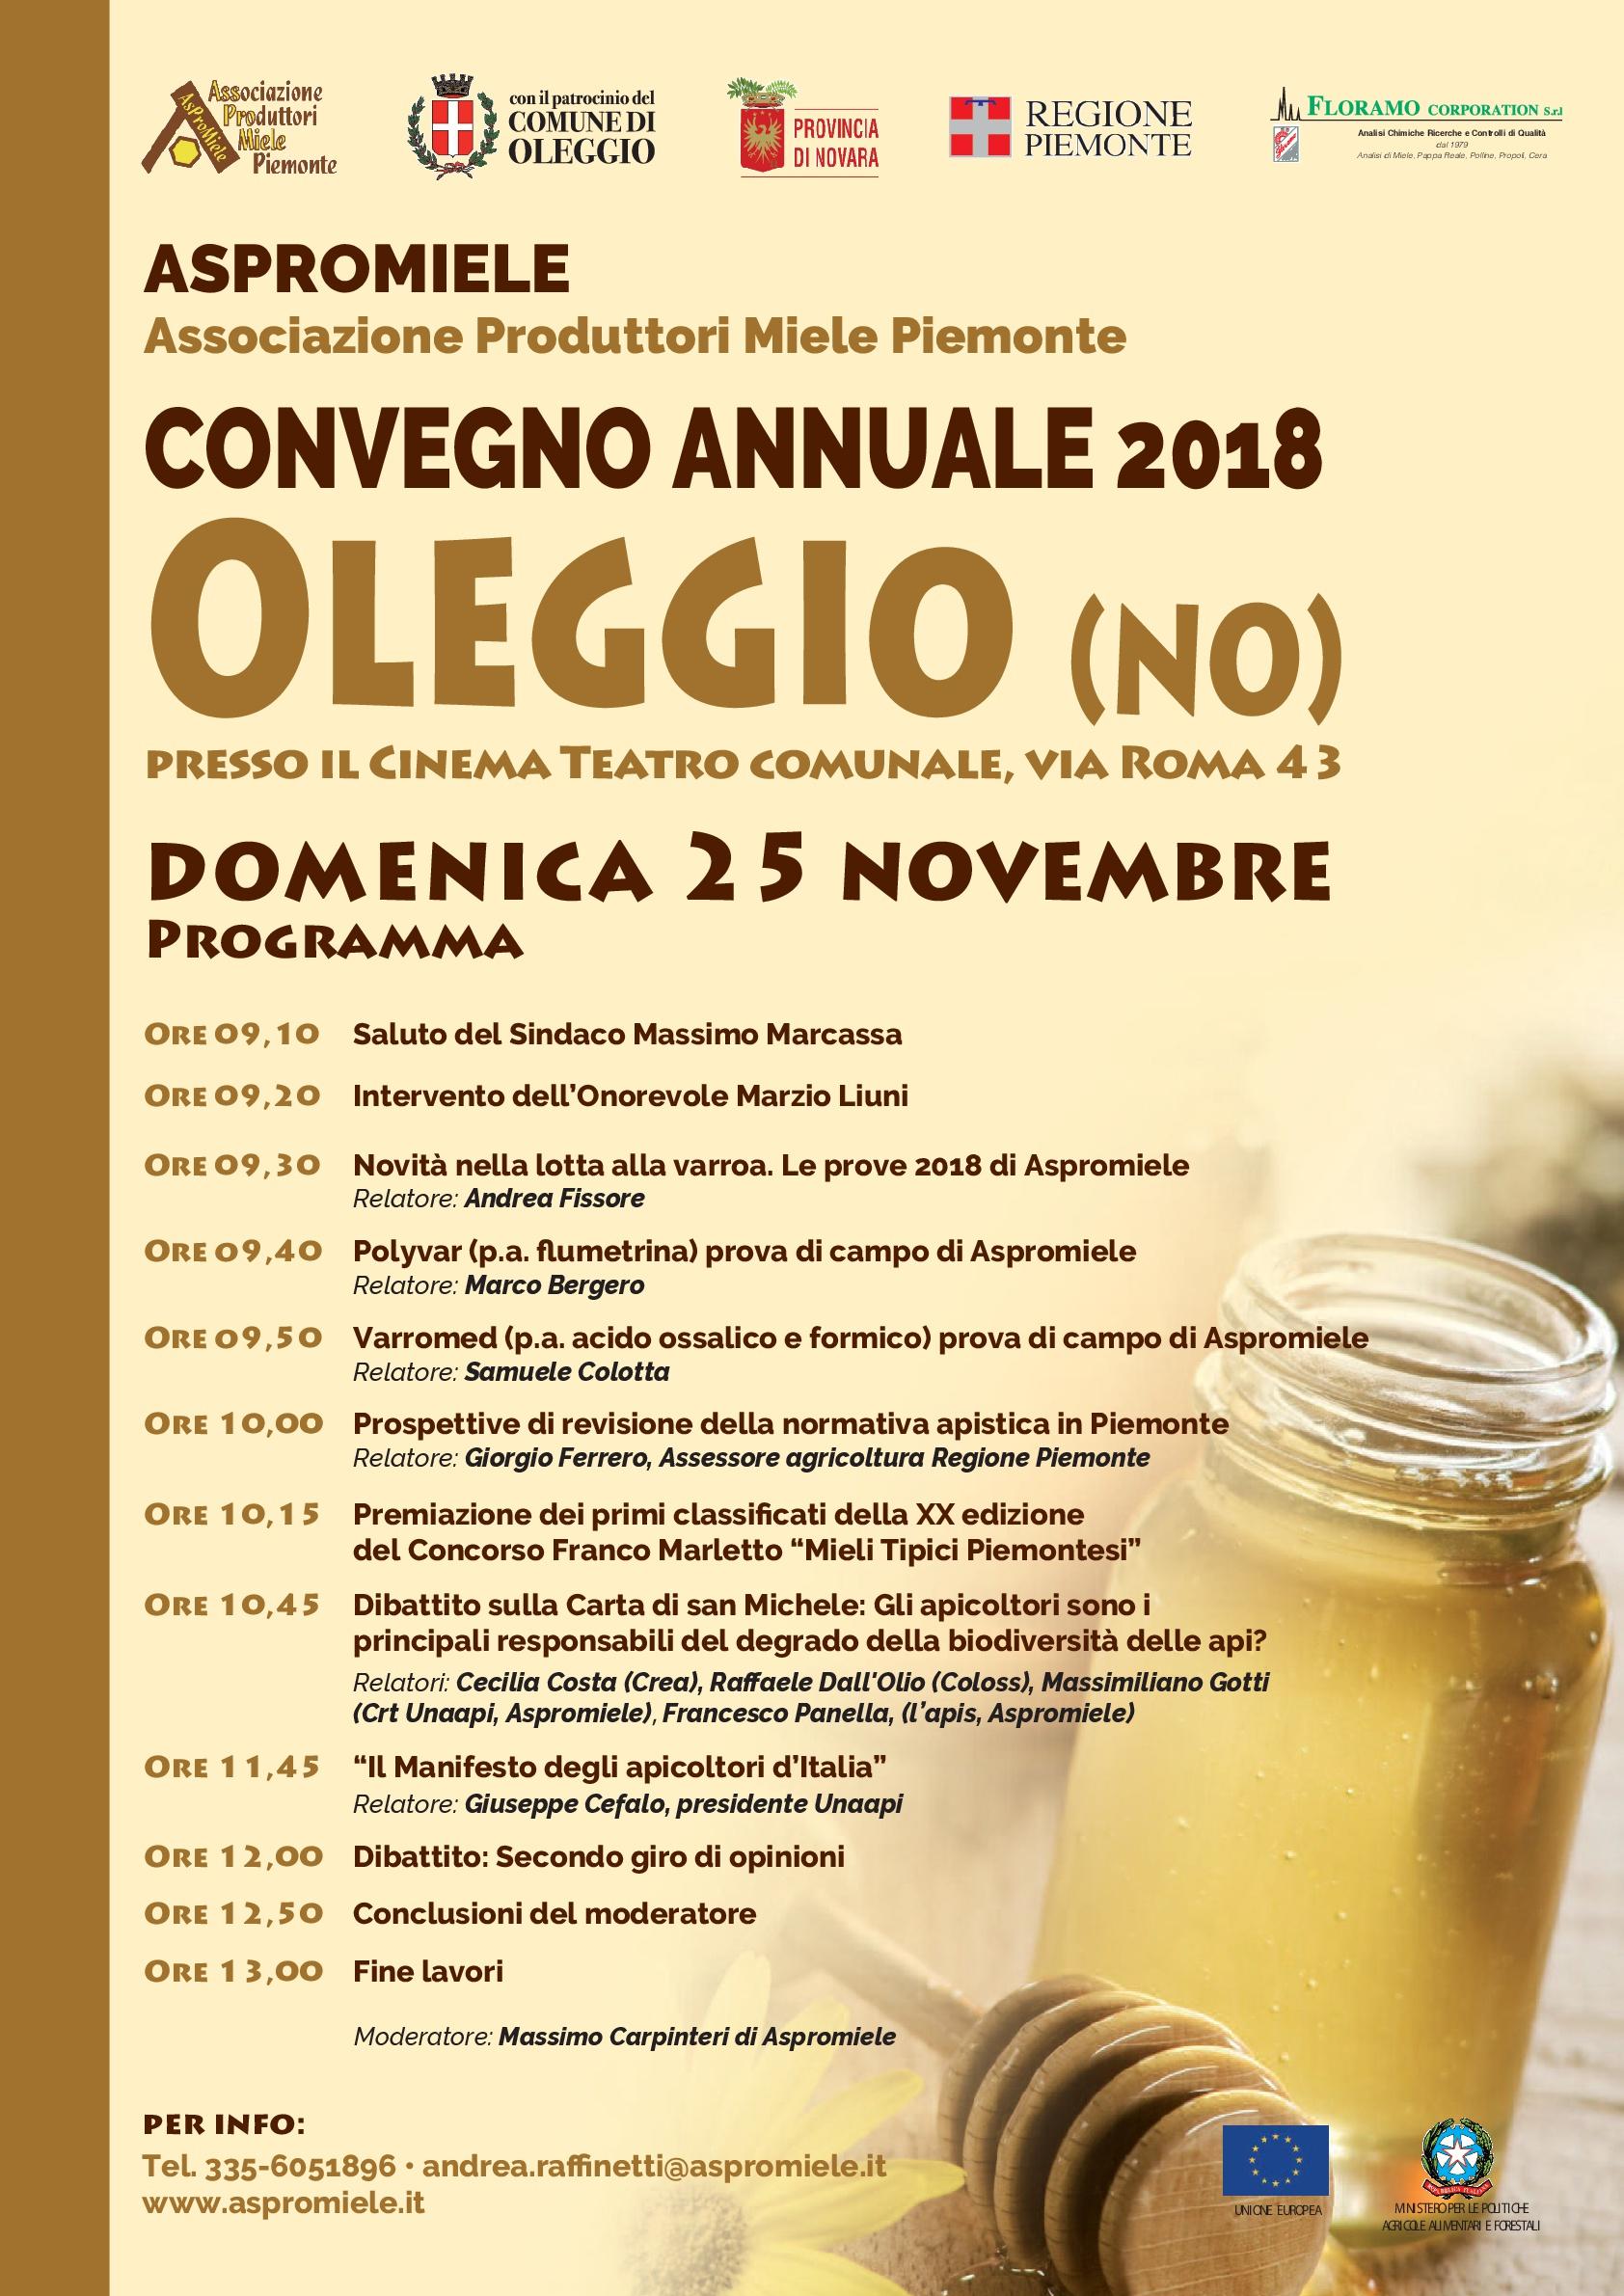 locandina convegno oleggio 20181-001